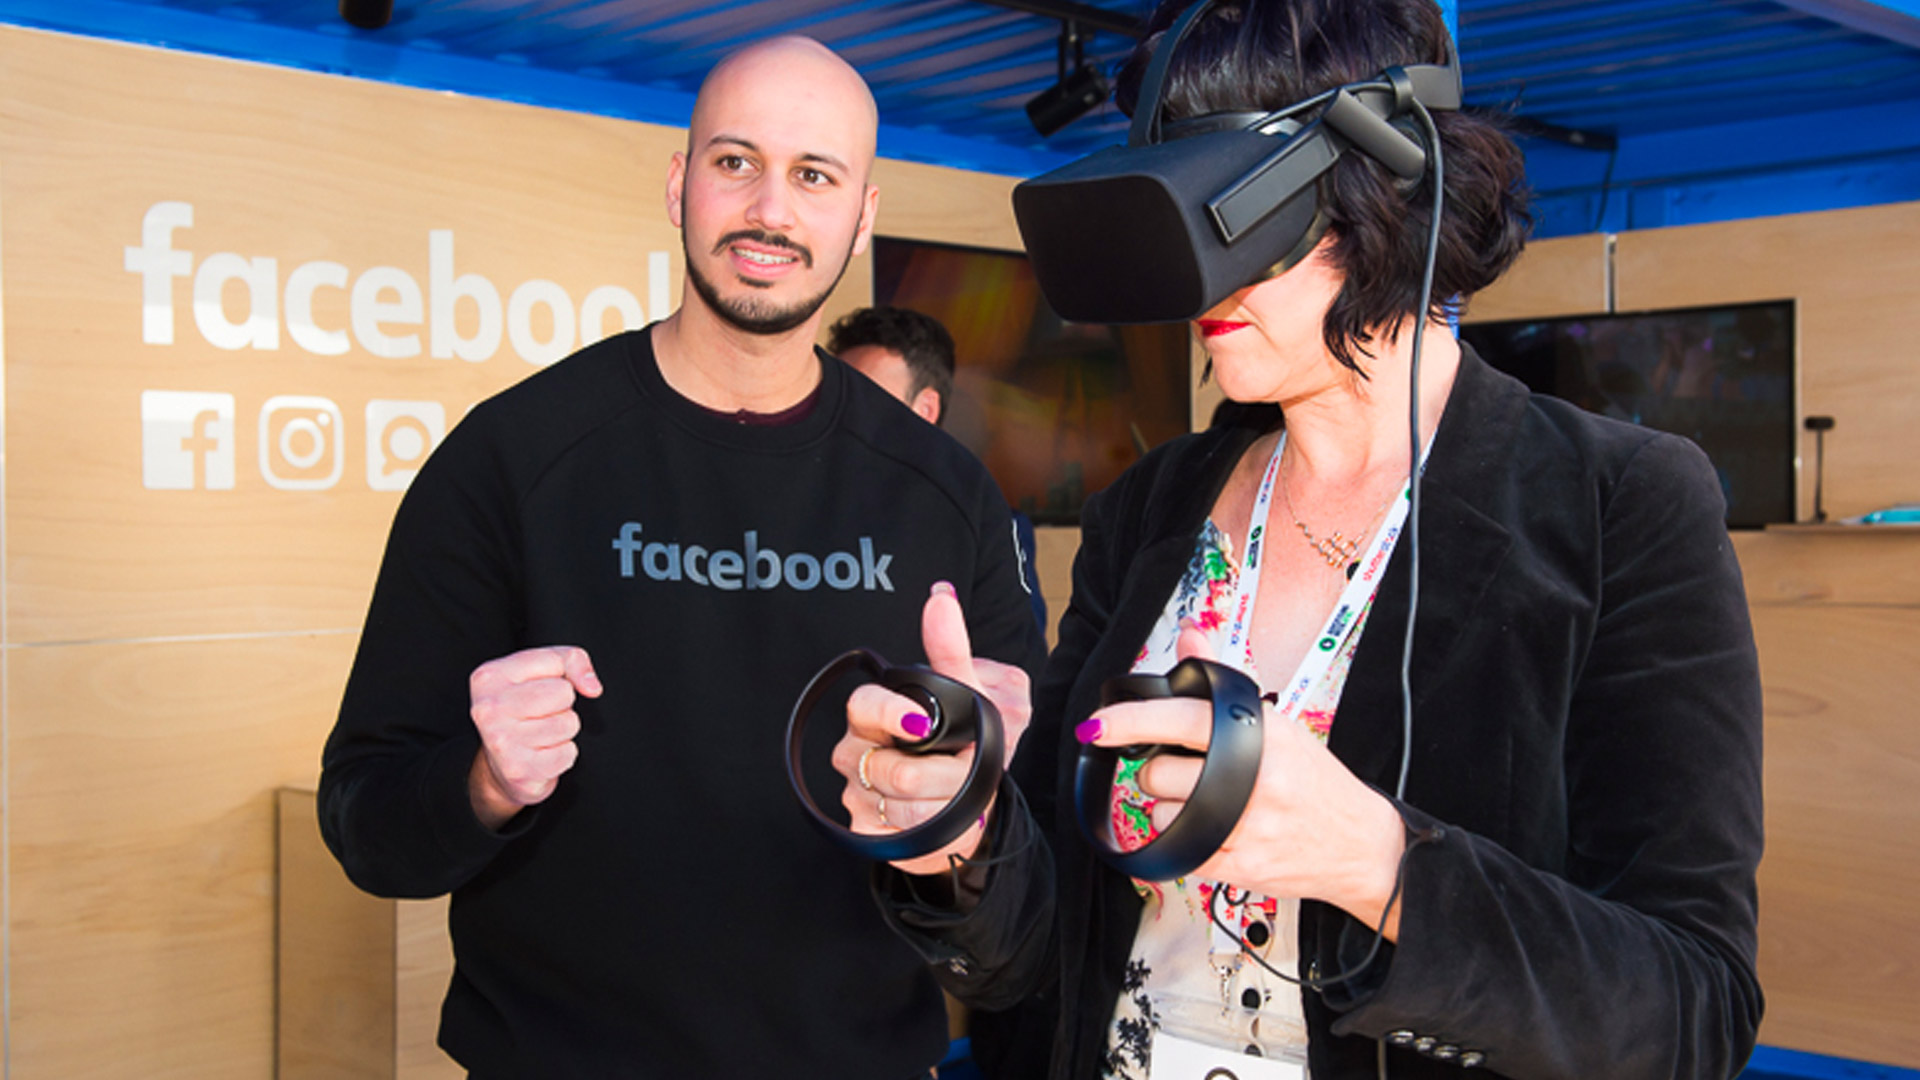 Facebook 2020 Event Photo 01